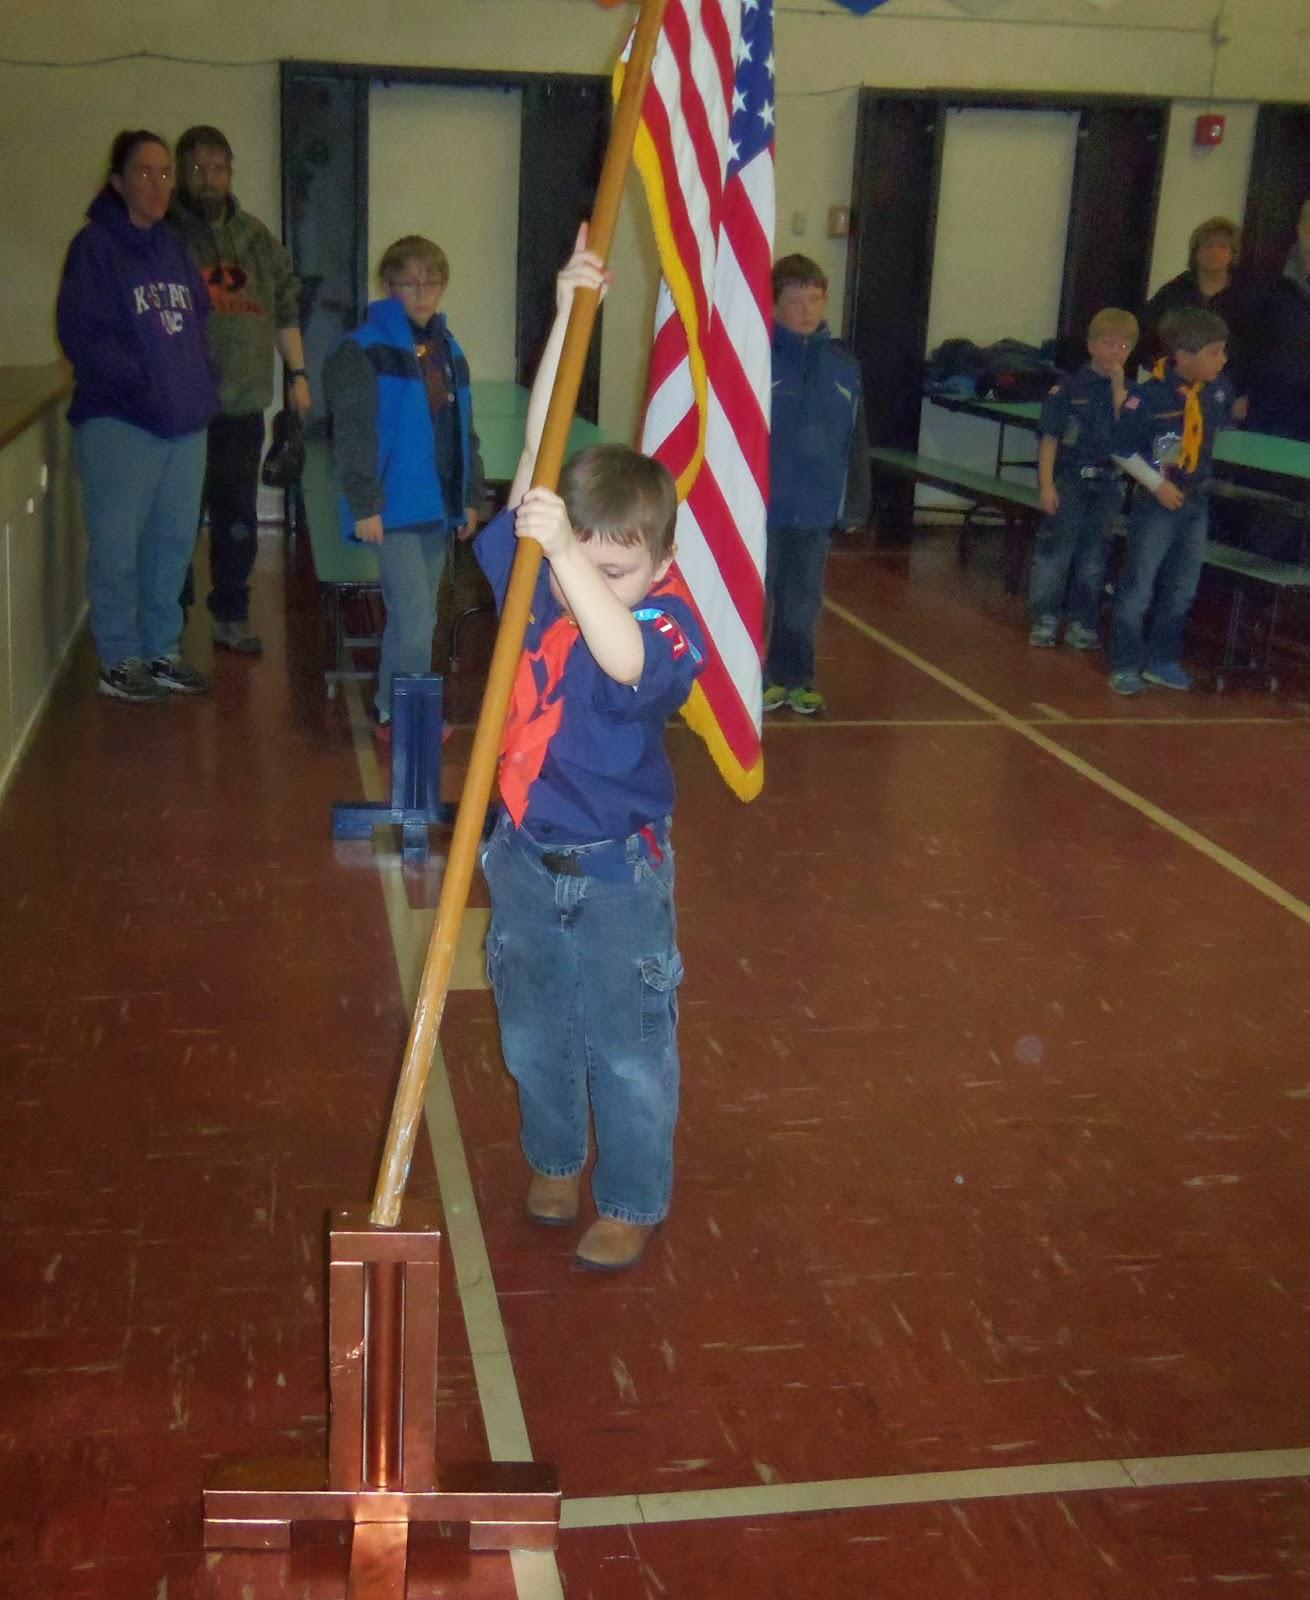 American Flag Ceremony, BoyScout Flag, BoyScout Boycott,